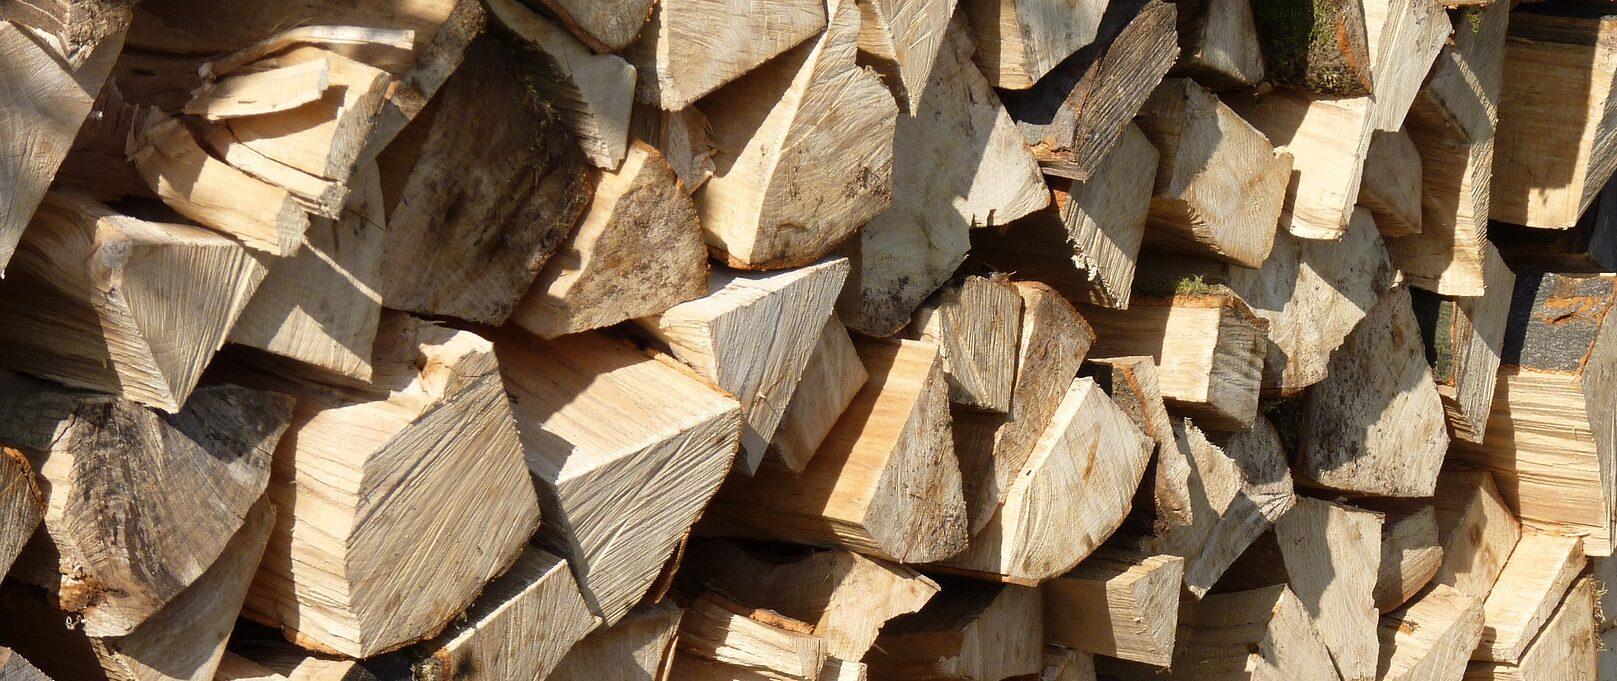 Unser Schnittholz – Träume aus Holz werden Realität